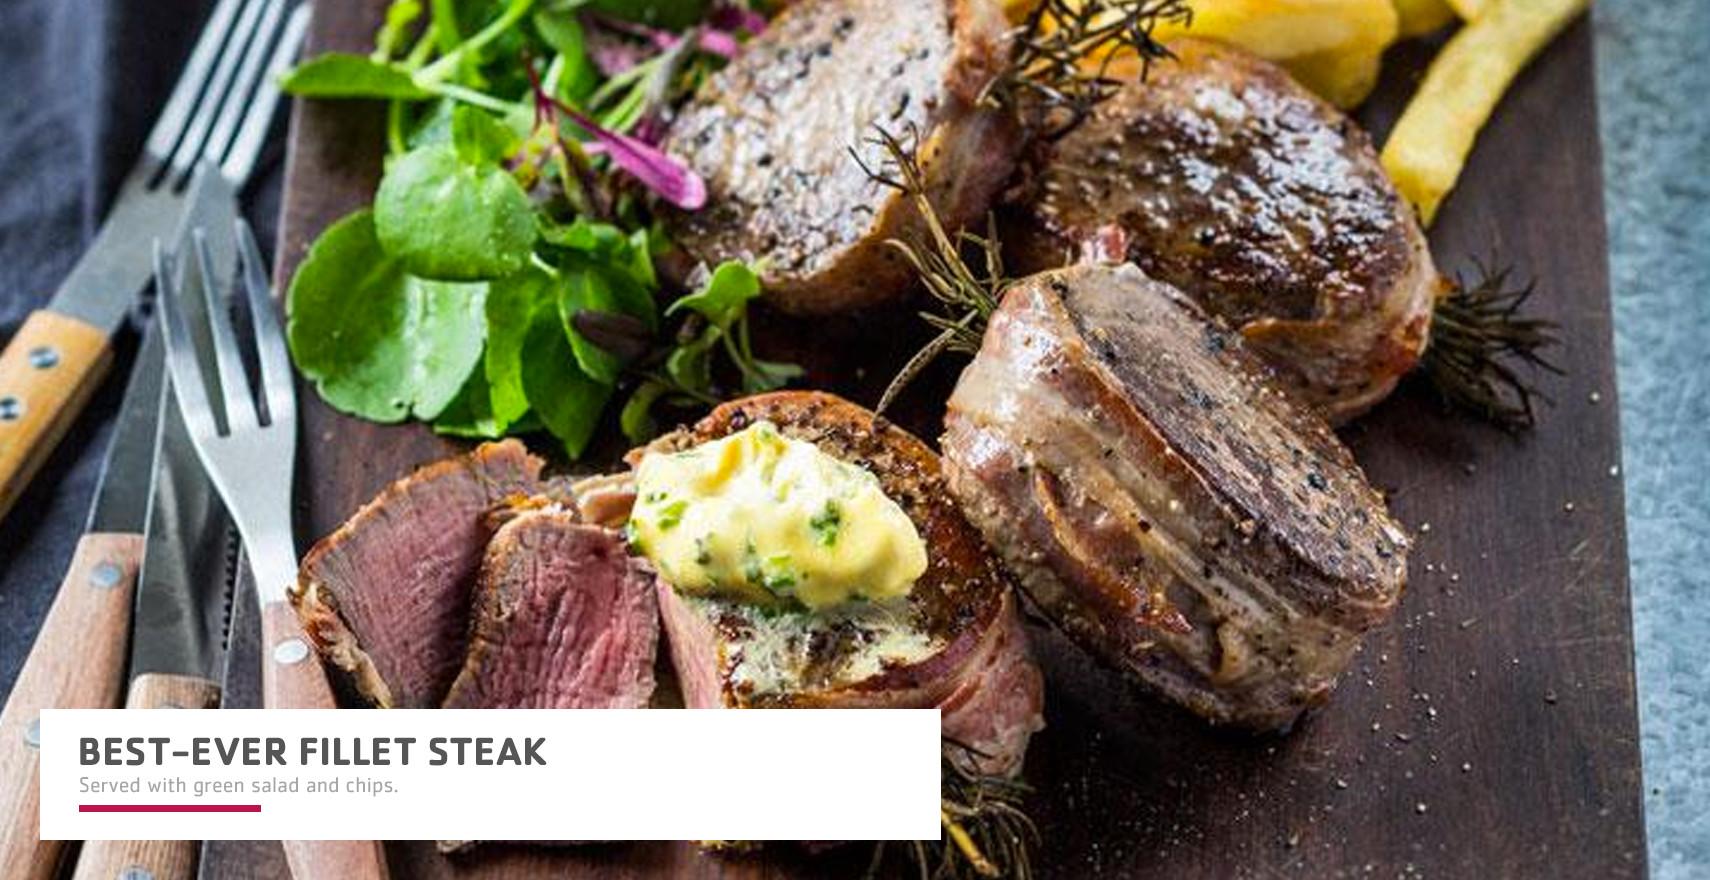 bestever-fillet-steak.jpg